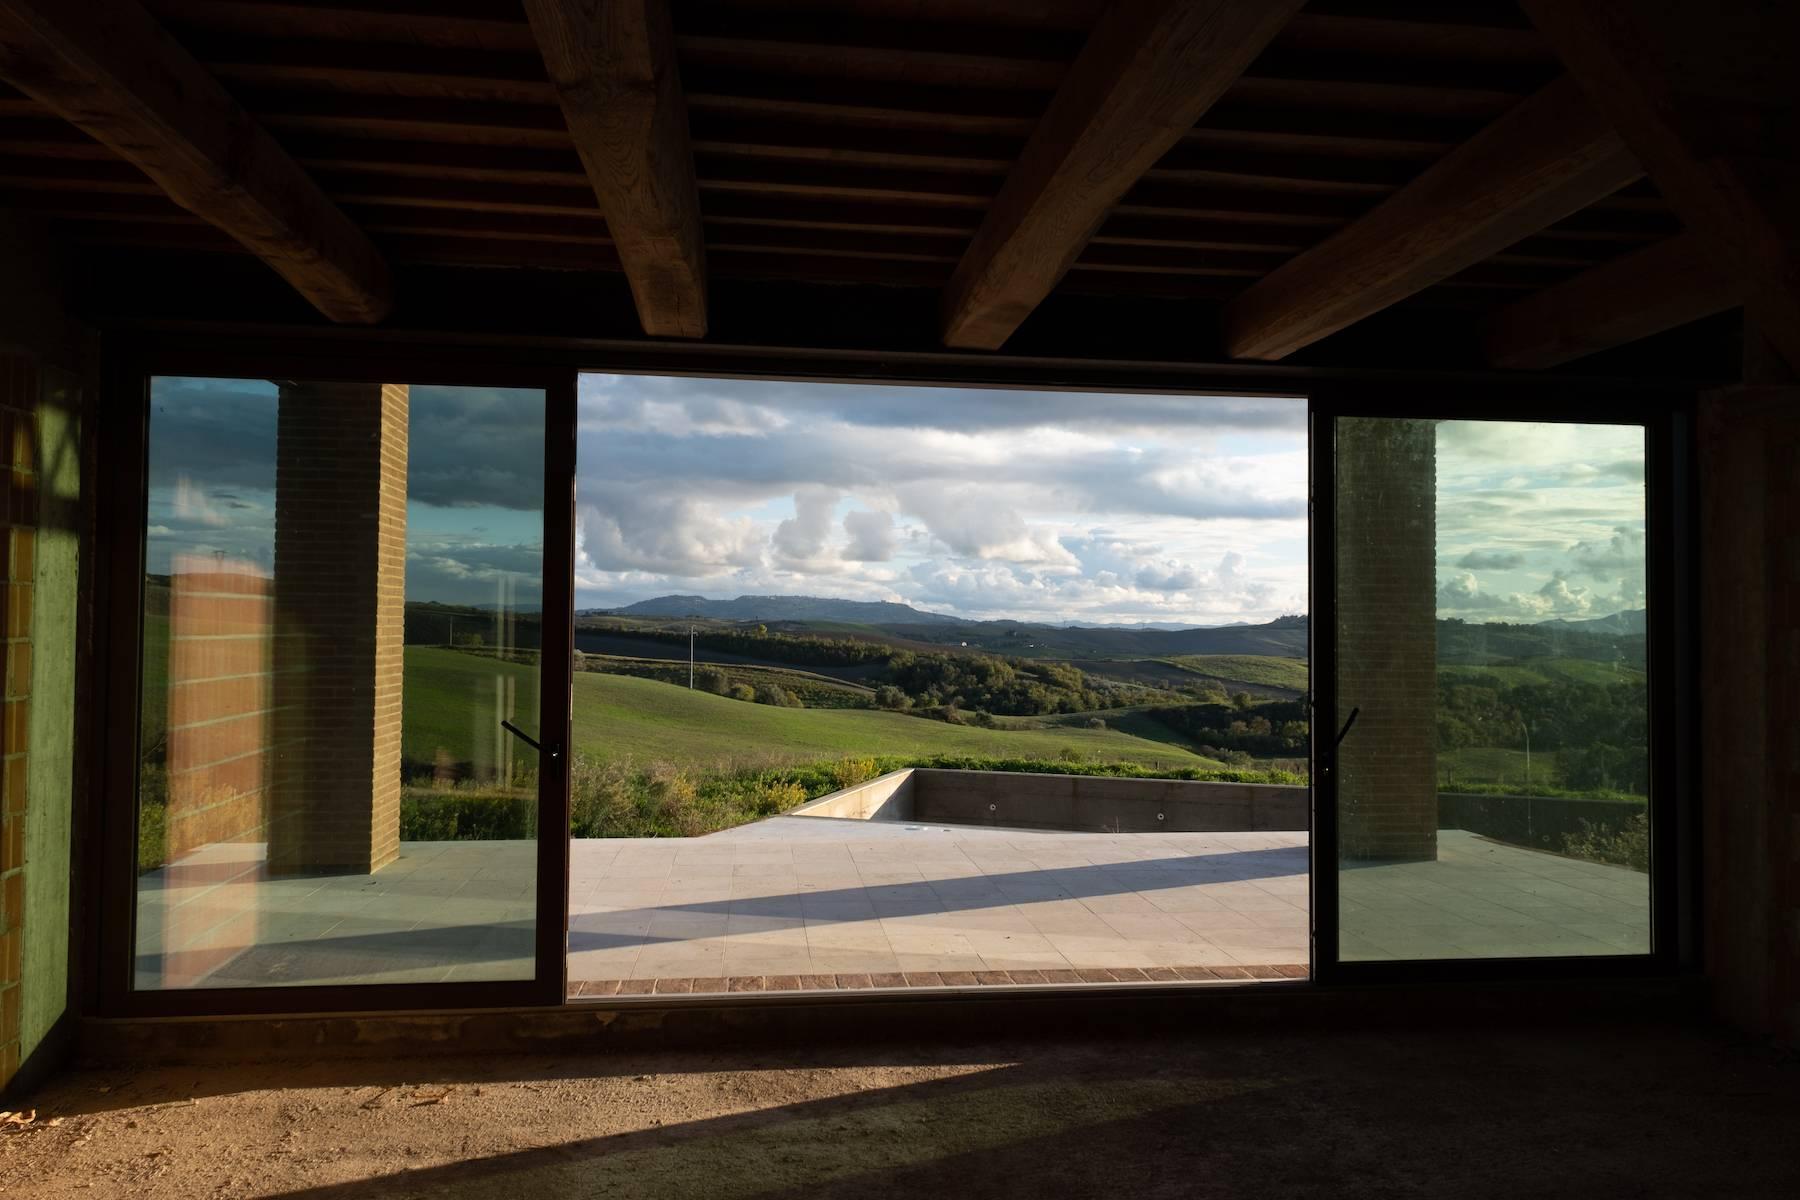 Rustico in Vendita a Montaione: 5 locali, 220 mq - Foto 8